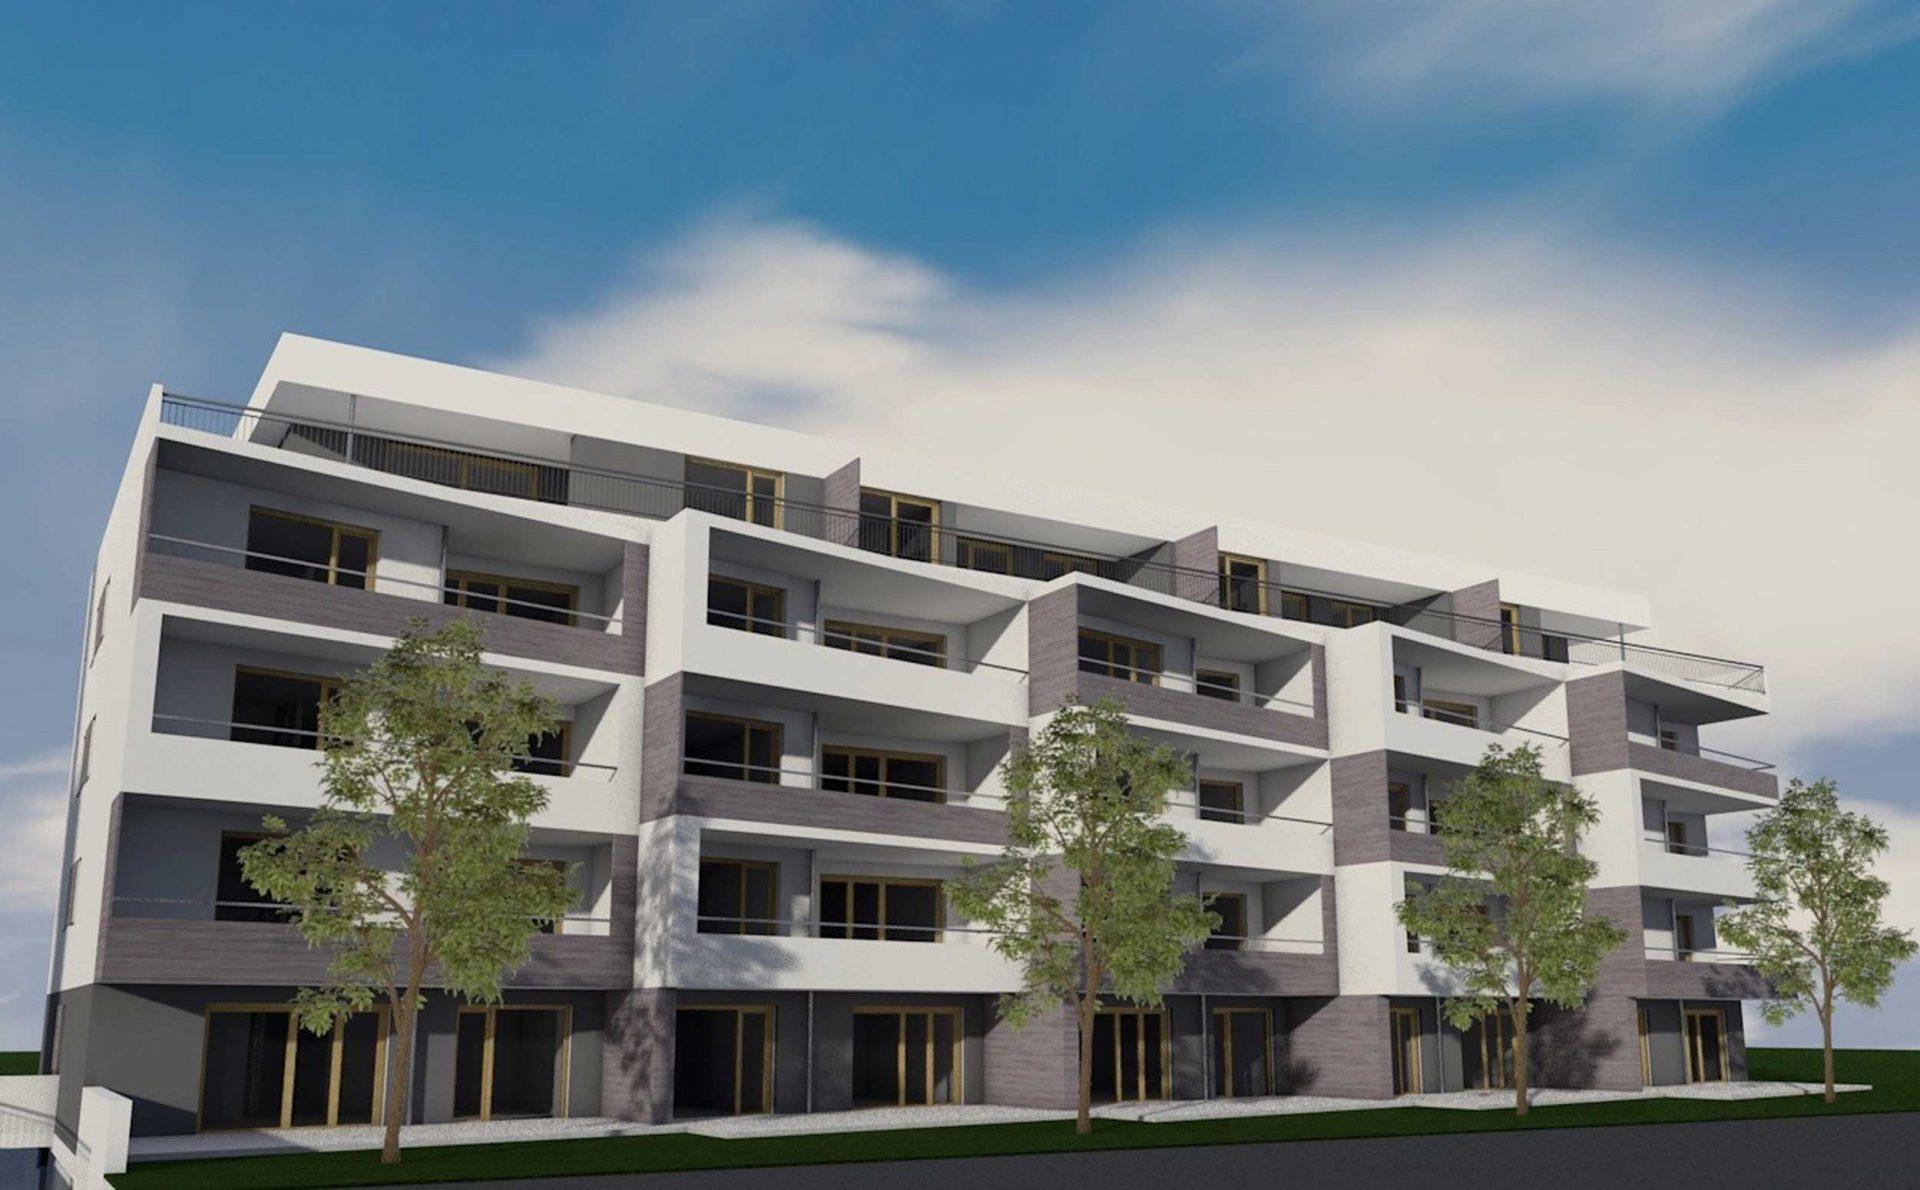 Architekten Friedrichshafen aktuell 1 plan q2 architekten